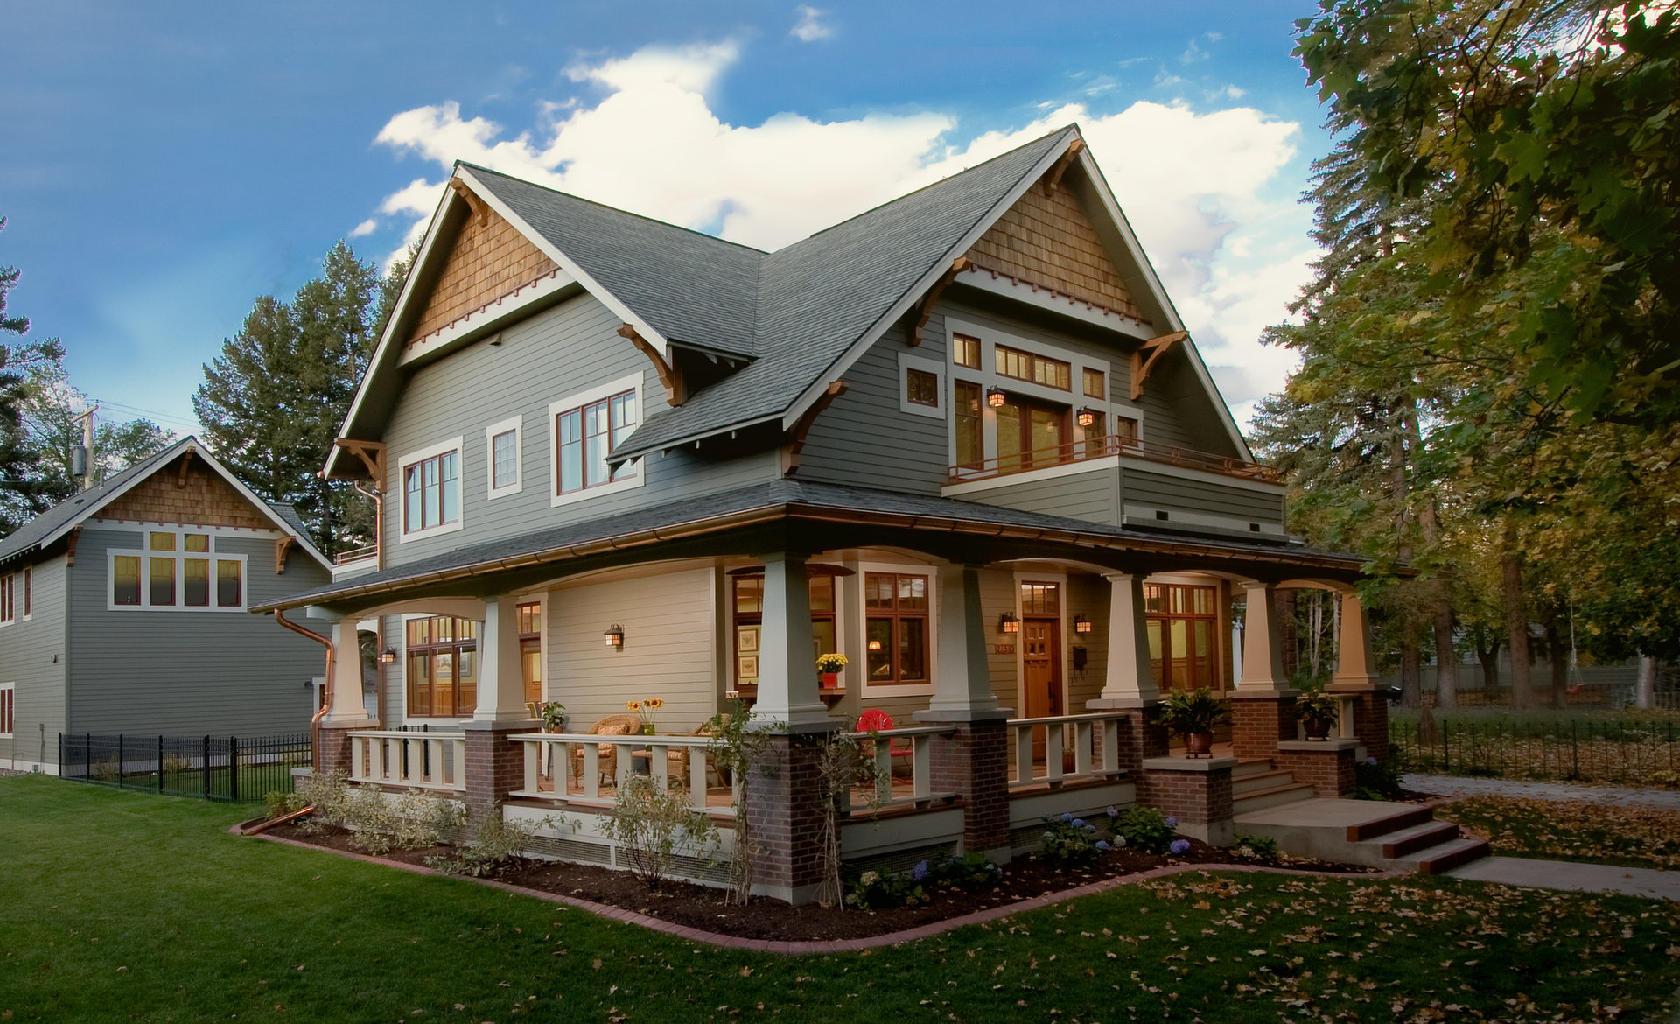 温哥华的风格看花了眼?带你认识加拿大8种最流行的锦绣v风格别墅葛店香江别墅别墅图片